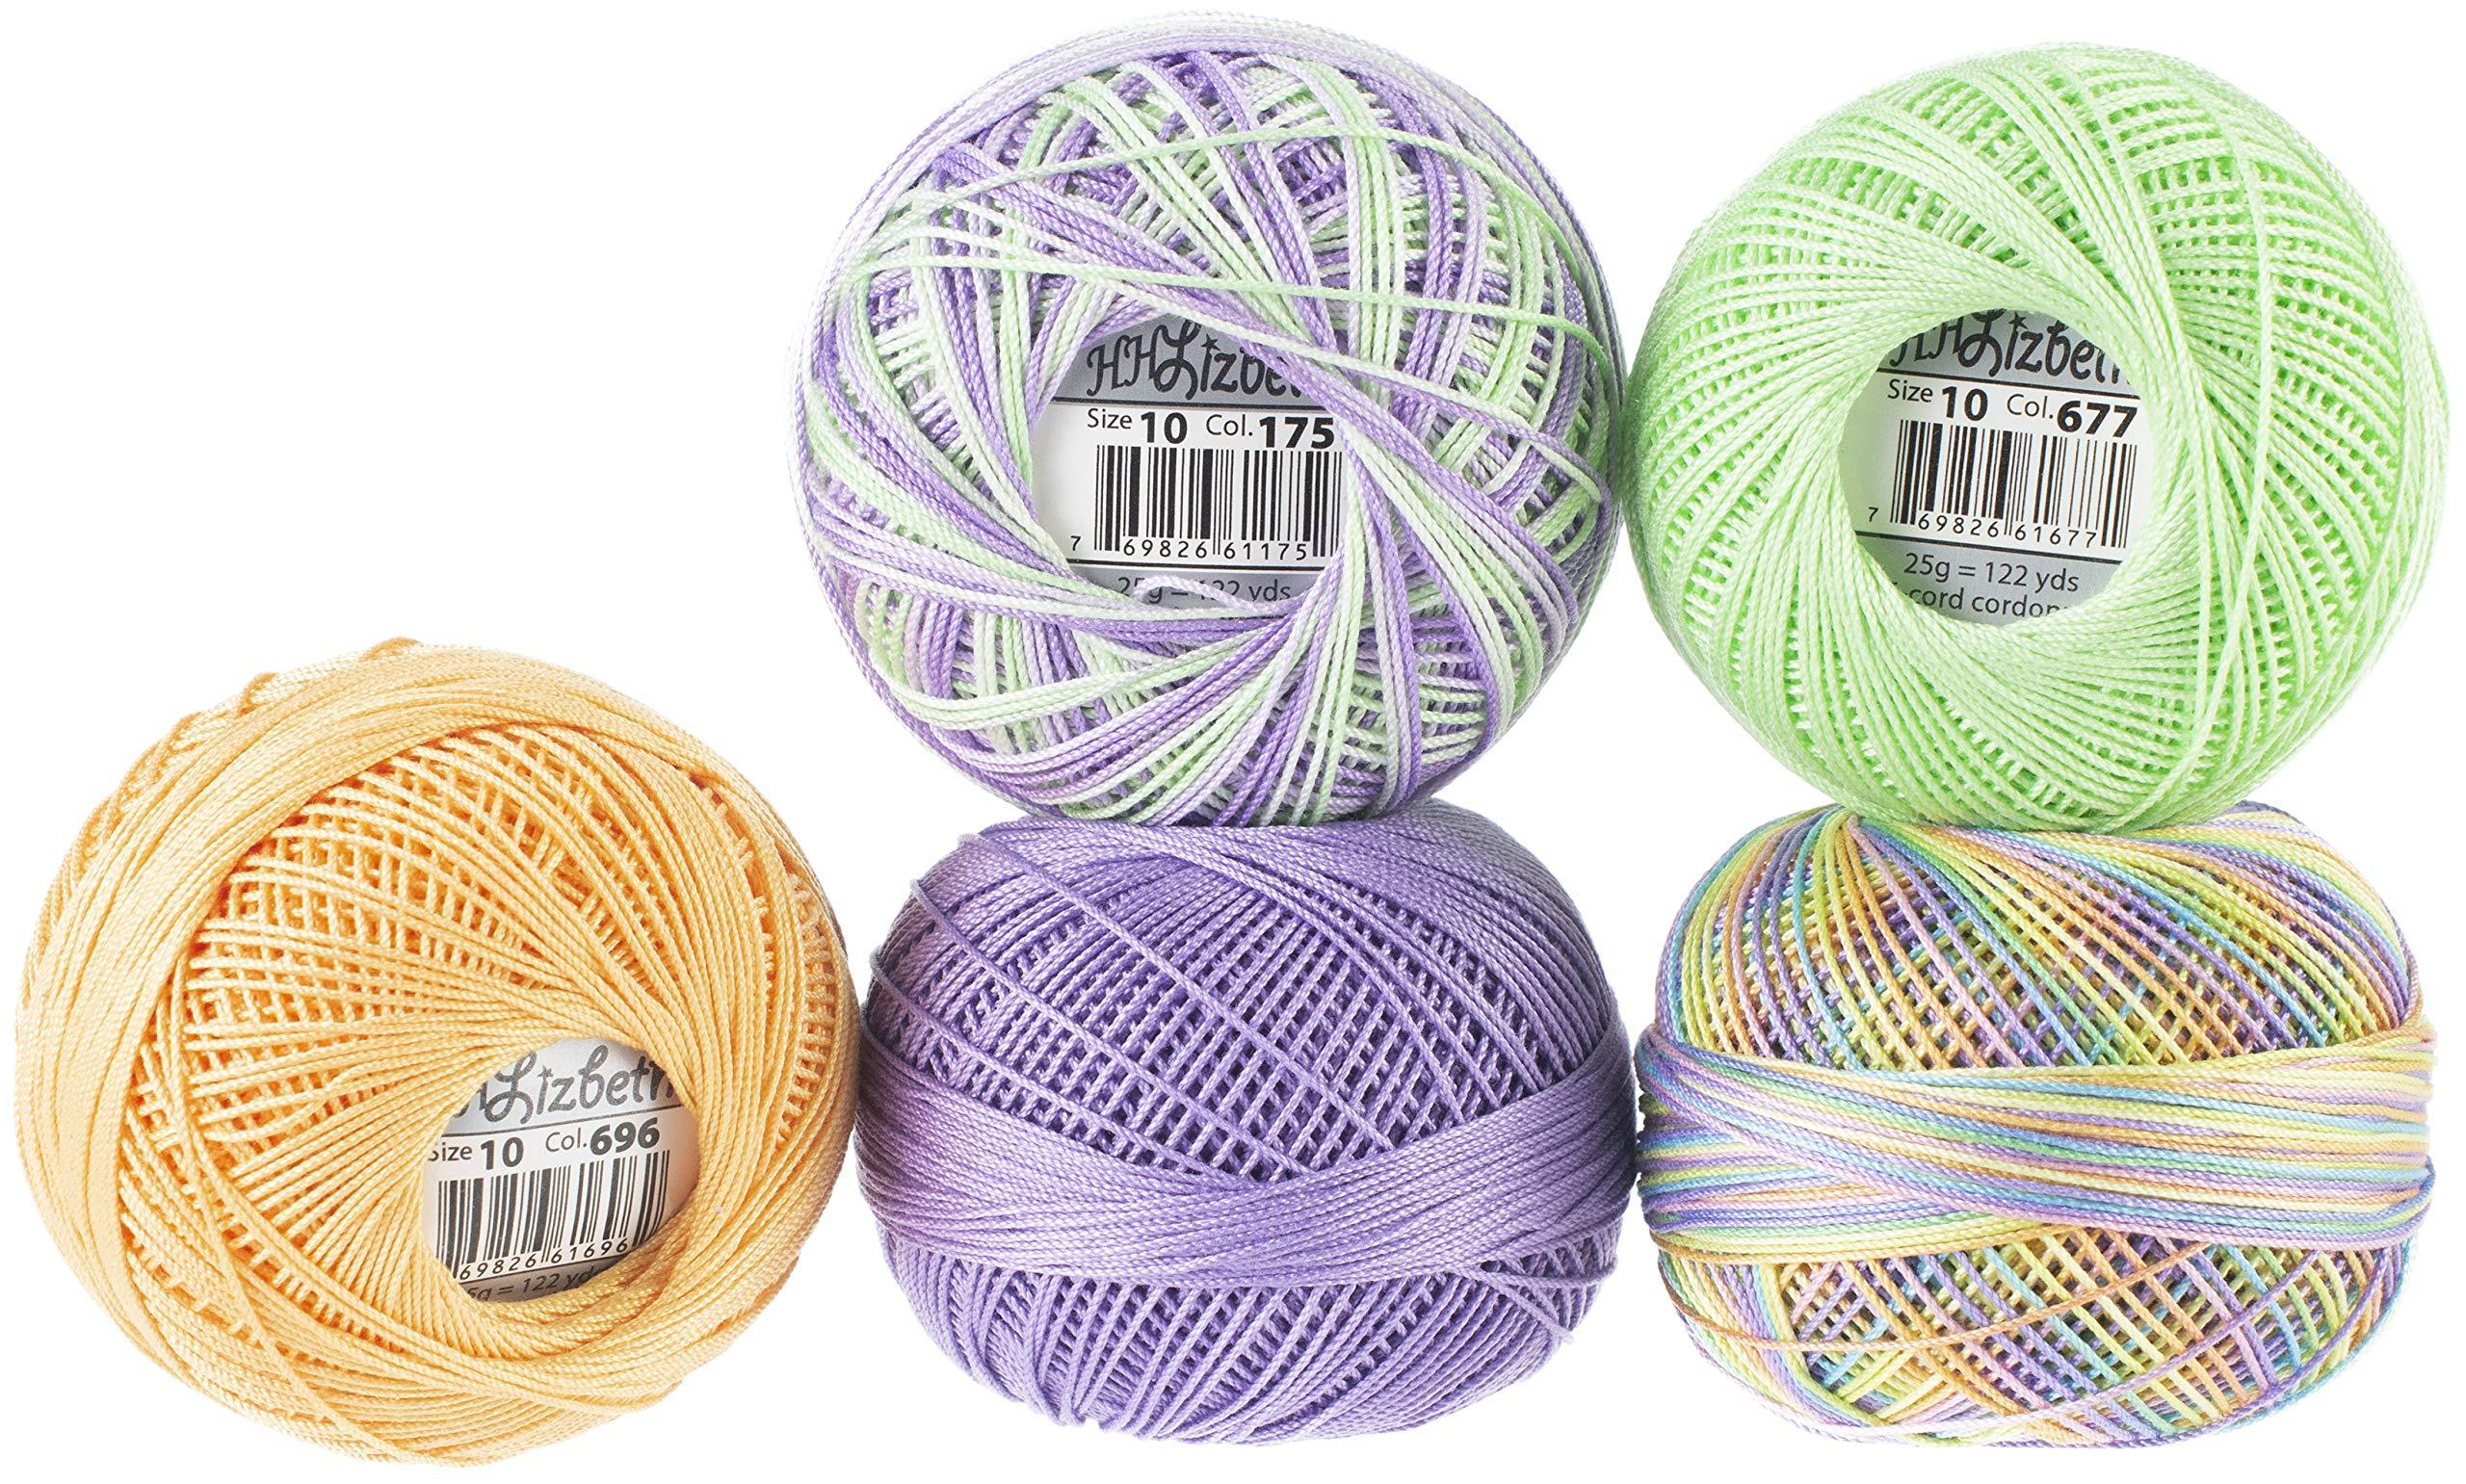 Handy Hands Lizbeth Specialty Pack Cordonnet Cotton Size 10-gum Drop 5/pkg